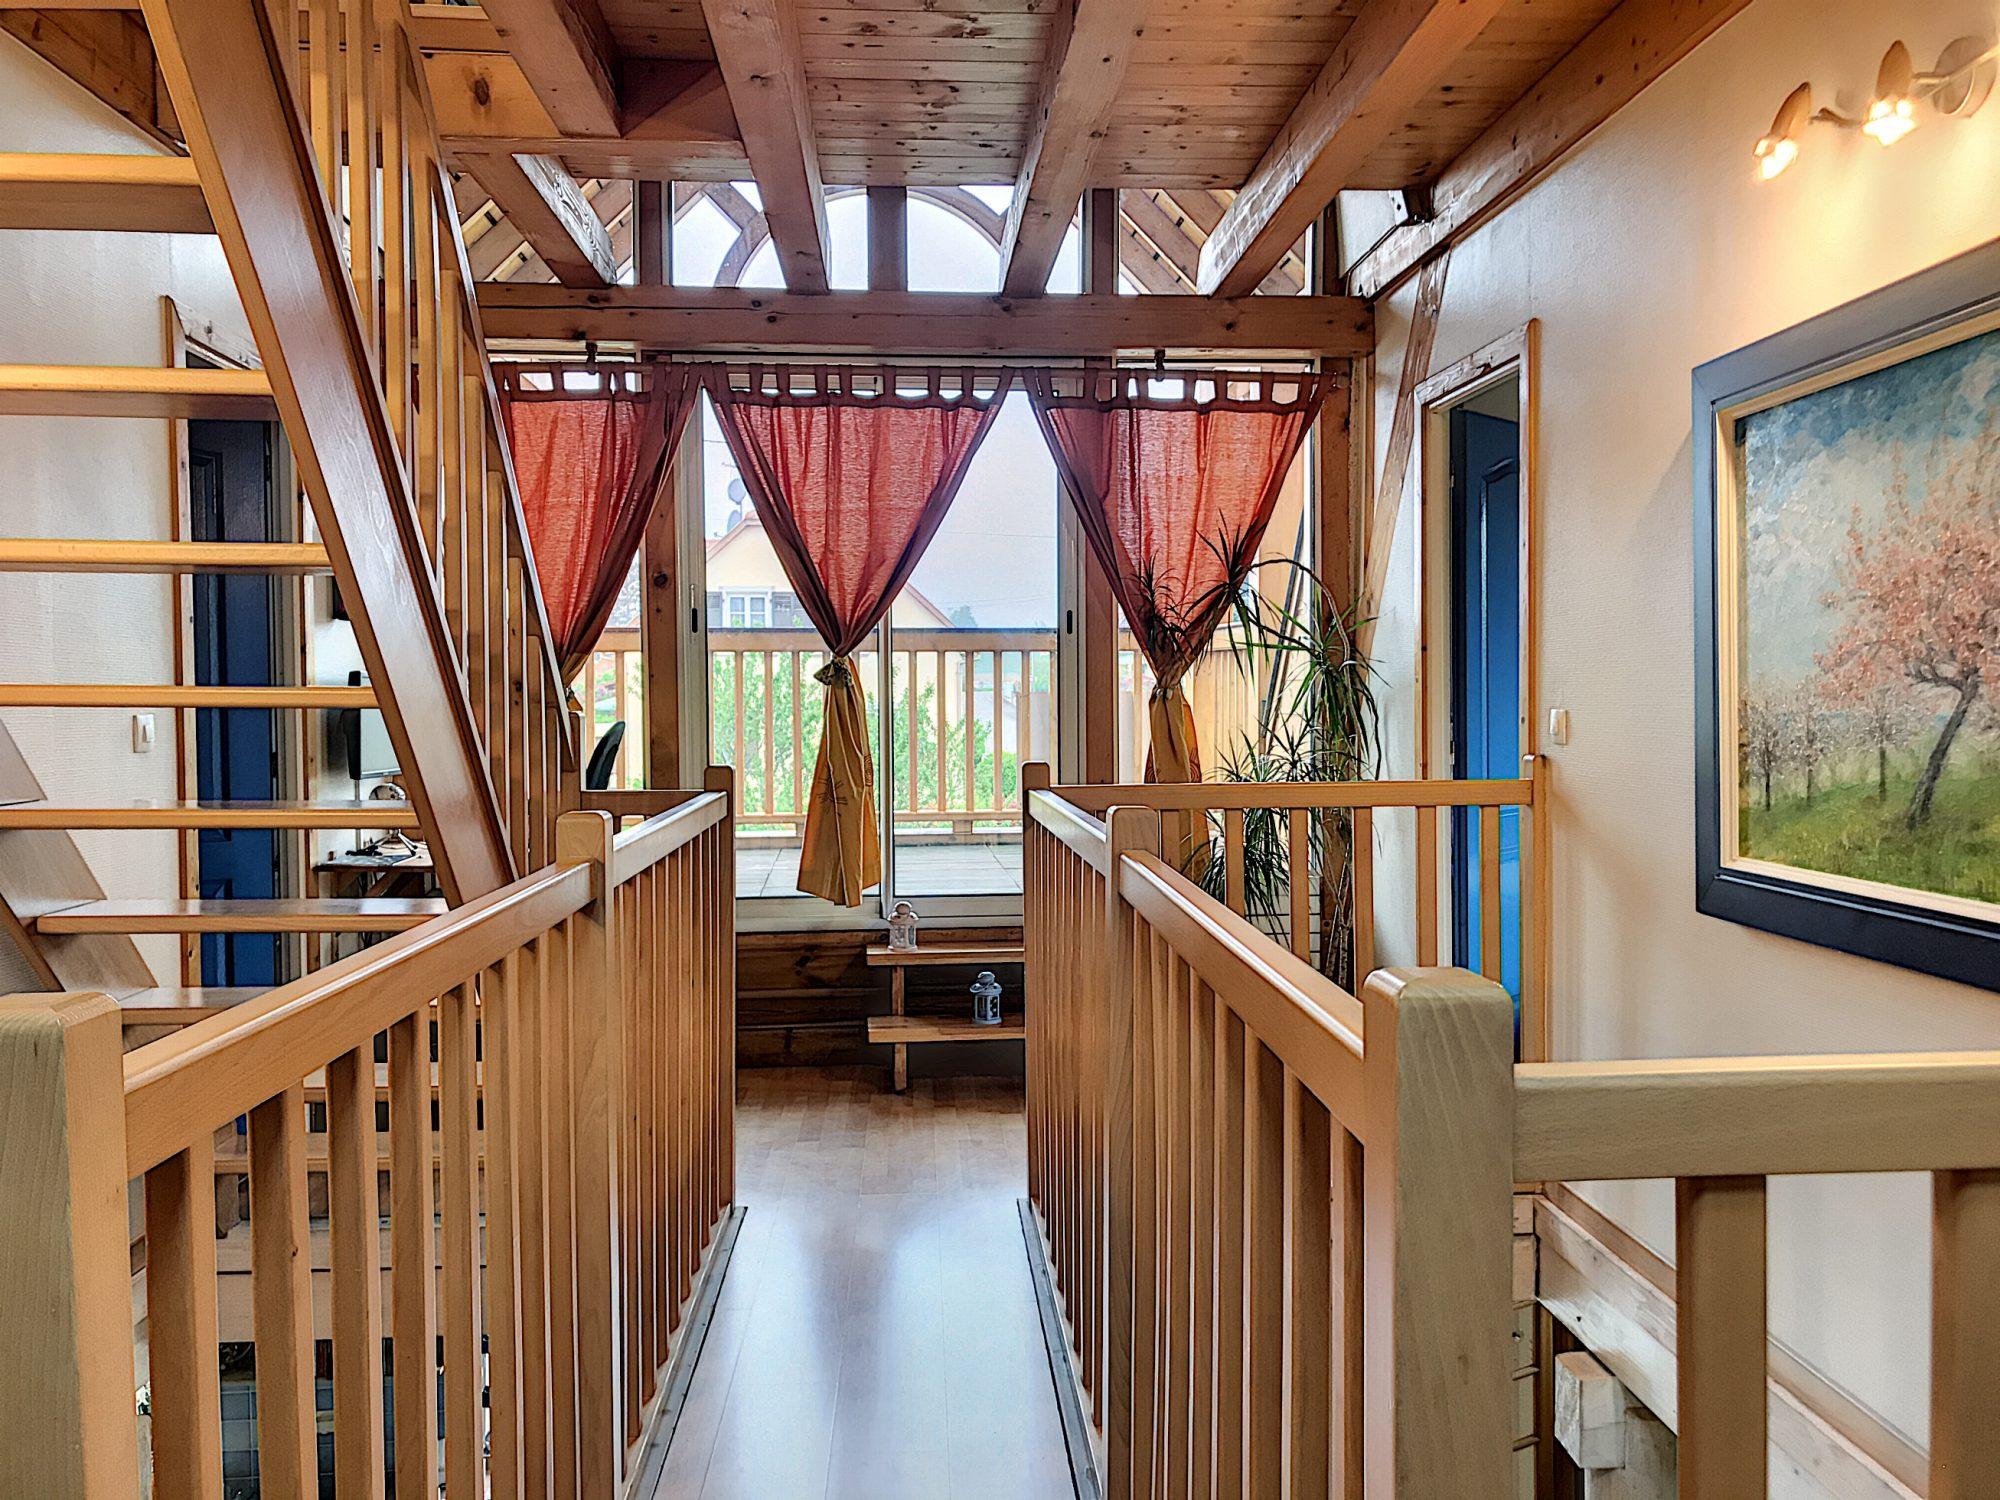 MAISON D'ARCHITECTE DE 7 PIÈCES - Devenez propriétaire en toute confiance - Bintz Immobilier - 4